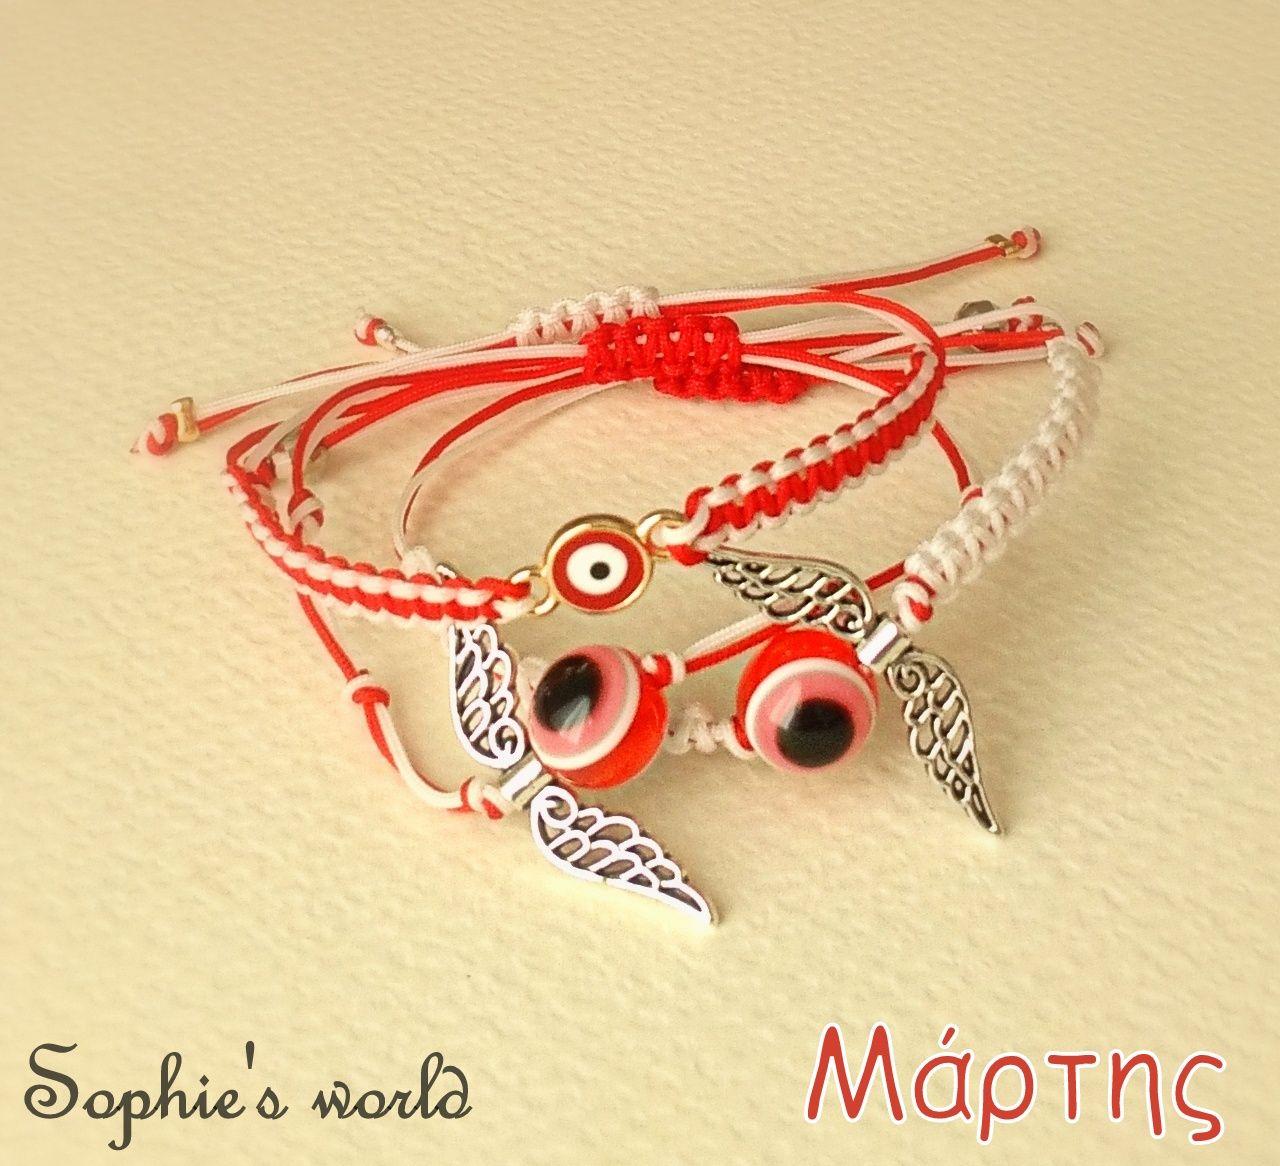 Pin από το χρήστη Sophie Gkr στον πίνακα Sophie s world  97eb759dbb7